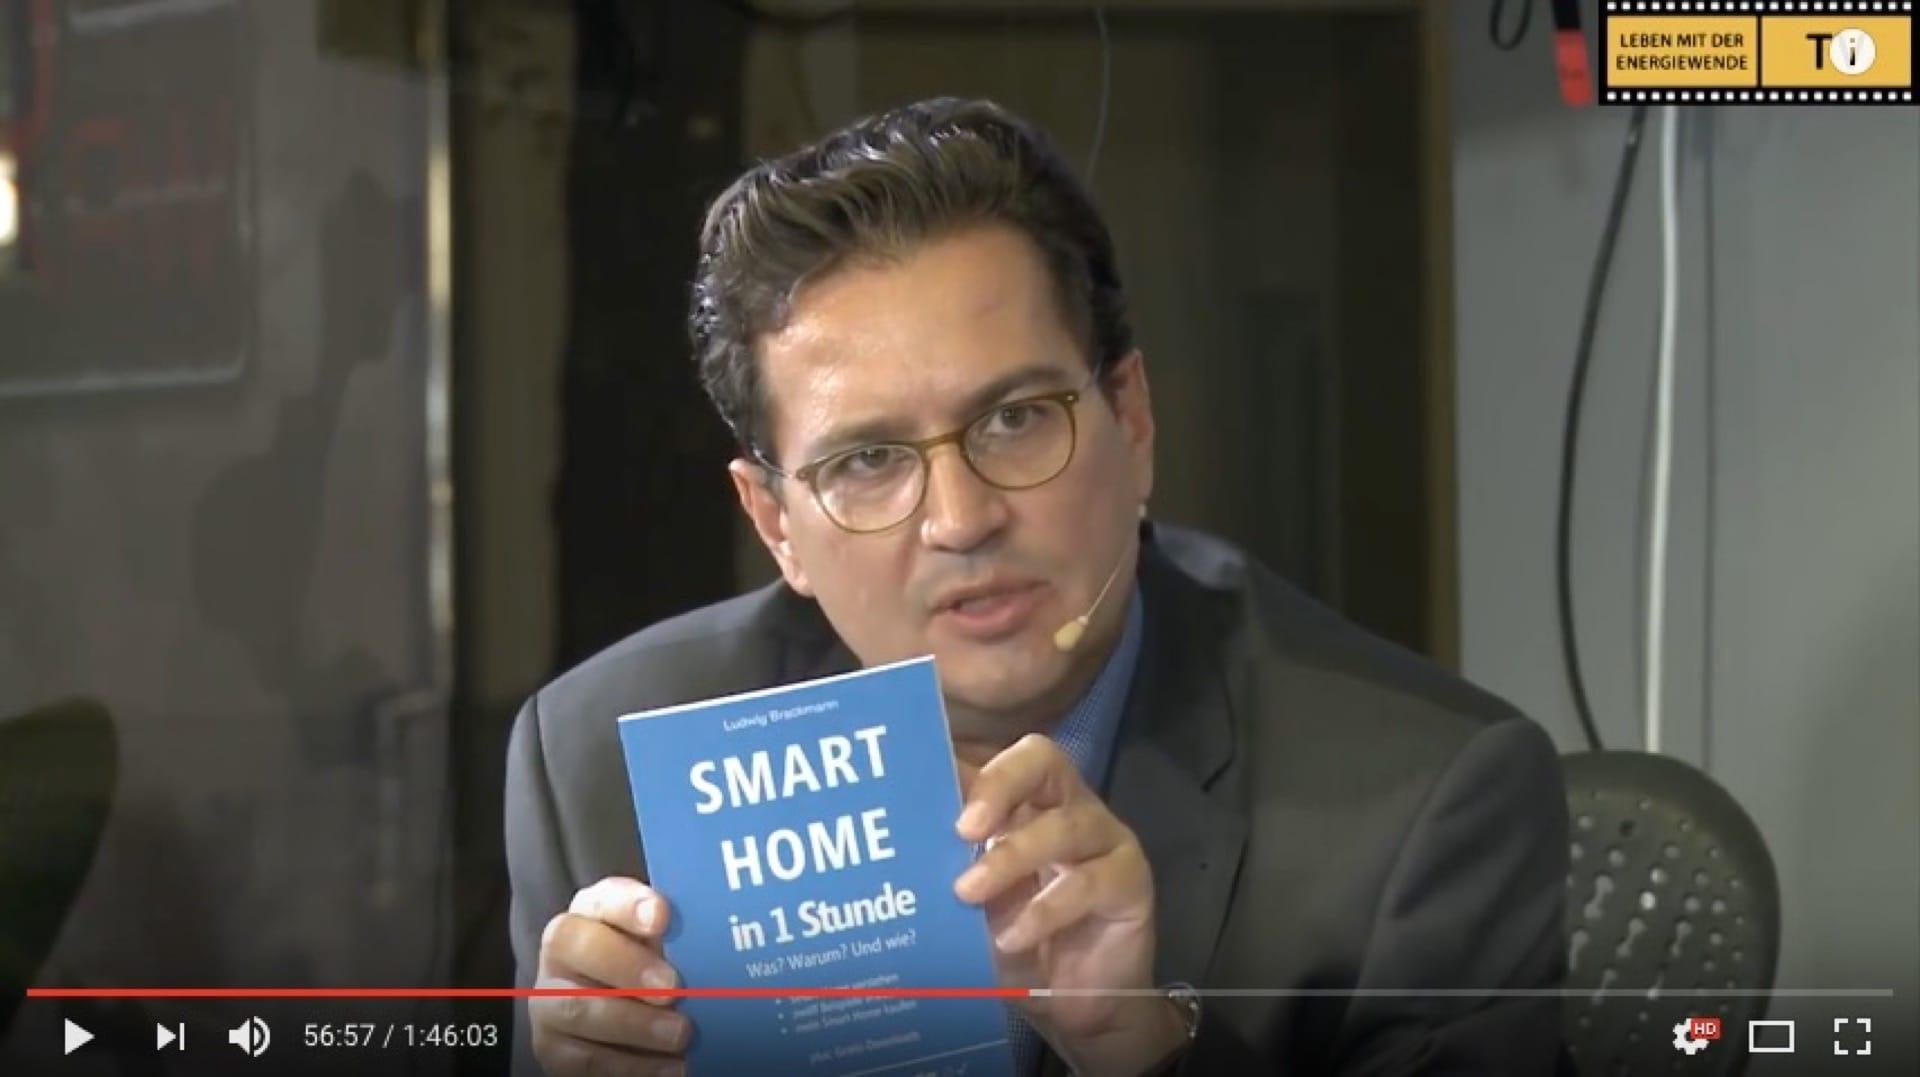 Leben mit der Energiewende TV